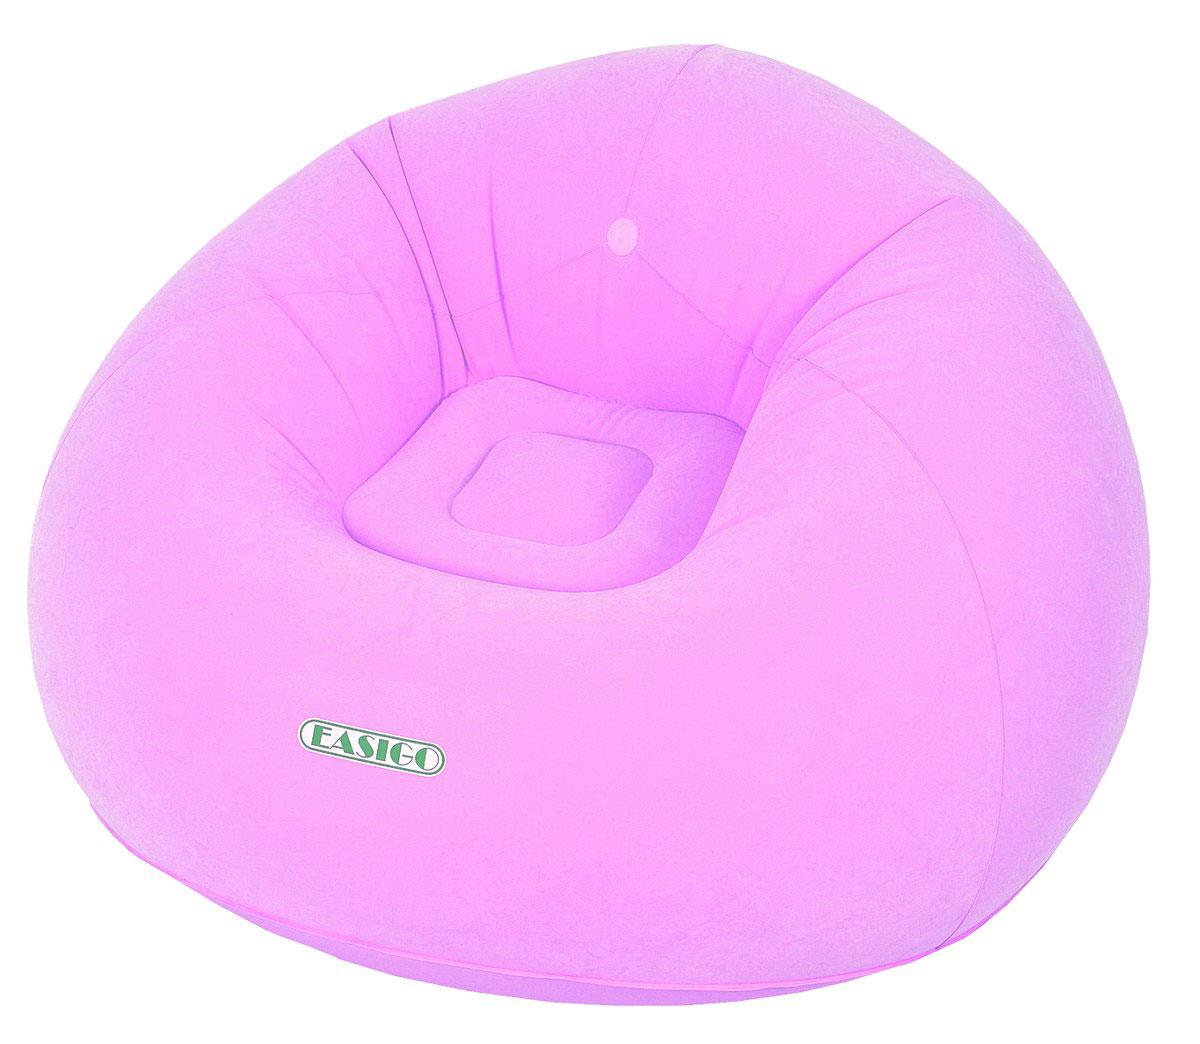 Кресло надувное Relax Easigo, цвет: розовый, 105 х 105 х 65 смJL037222N(н)Кресло надувное Relax Easigo выполнено из высококачественного винила с велюровым покрытием. Отлично подойдет для использования дома или в офисе.Особенности кресла:- Водоотталкивающее флоковое покрытие.- Надежный клапан для быстрого сдувания и надувания.- Самоклеящаяся заплатка прилагается.Сдержанный дизайн, нейтральные цвета подходят к любому интерьеру и делают надувное кресло RELAX отличным выбором. Кресло поставляется в сдутом виде.